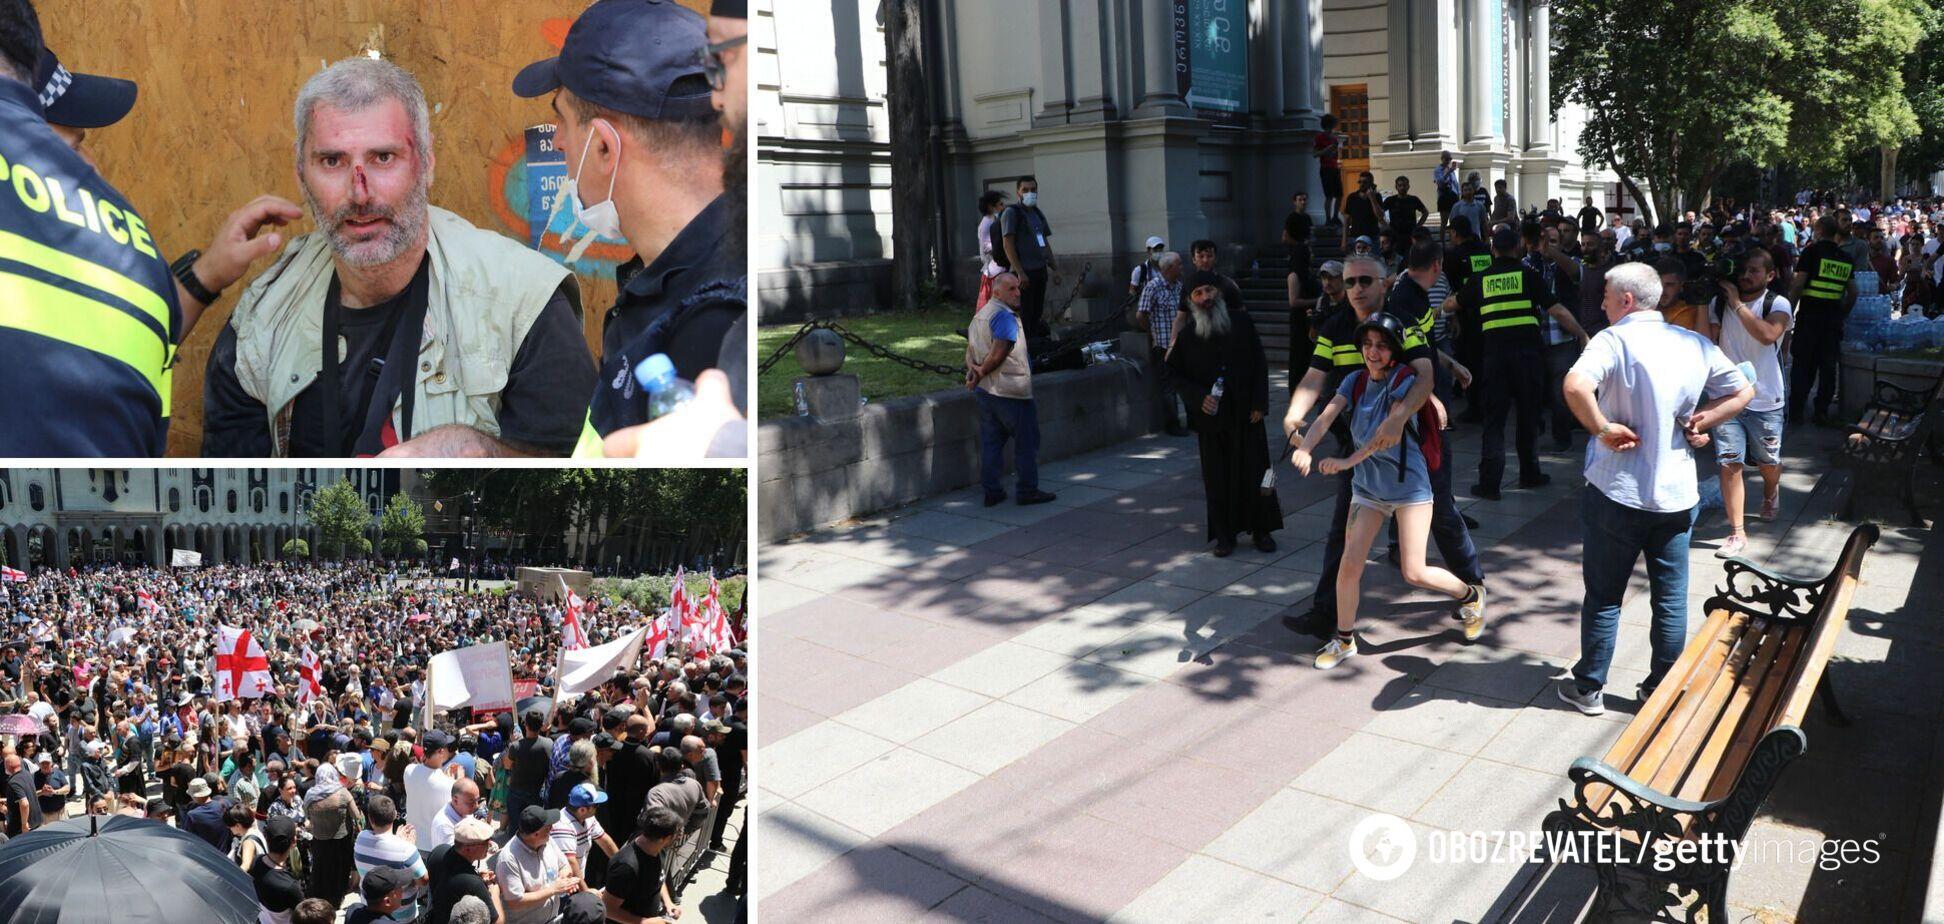 В Грузии отменили ЛГБТ-прайд после массовых беспорядков: на журналистов устроили охоту и бросили взрывчатку. Фото и видео